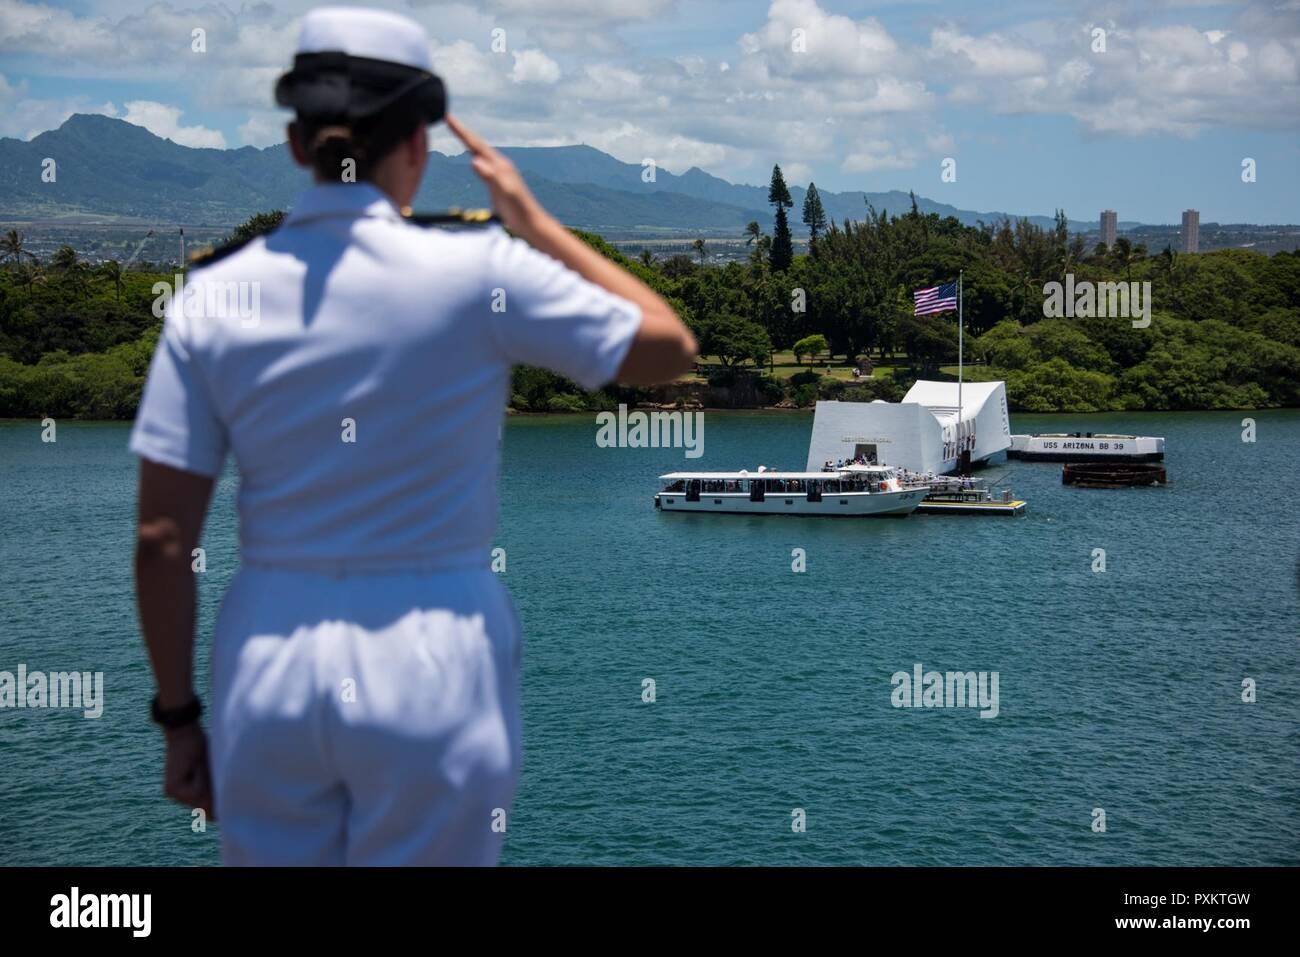 63528455fce 6 Jg 3 Stock Photos   6 Jg 3 Stock Images - Alamy